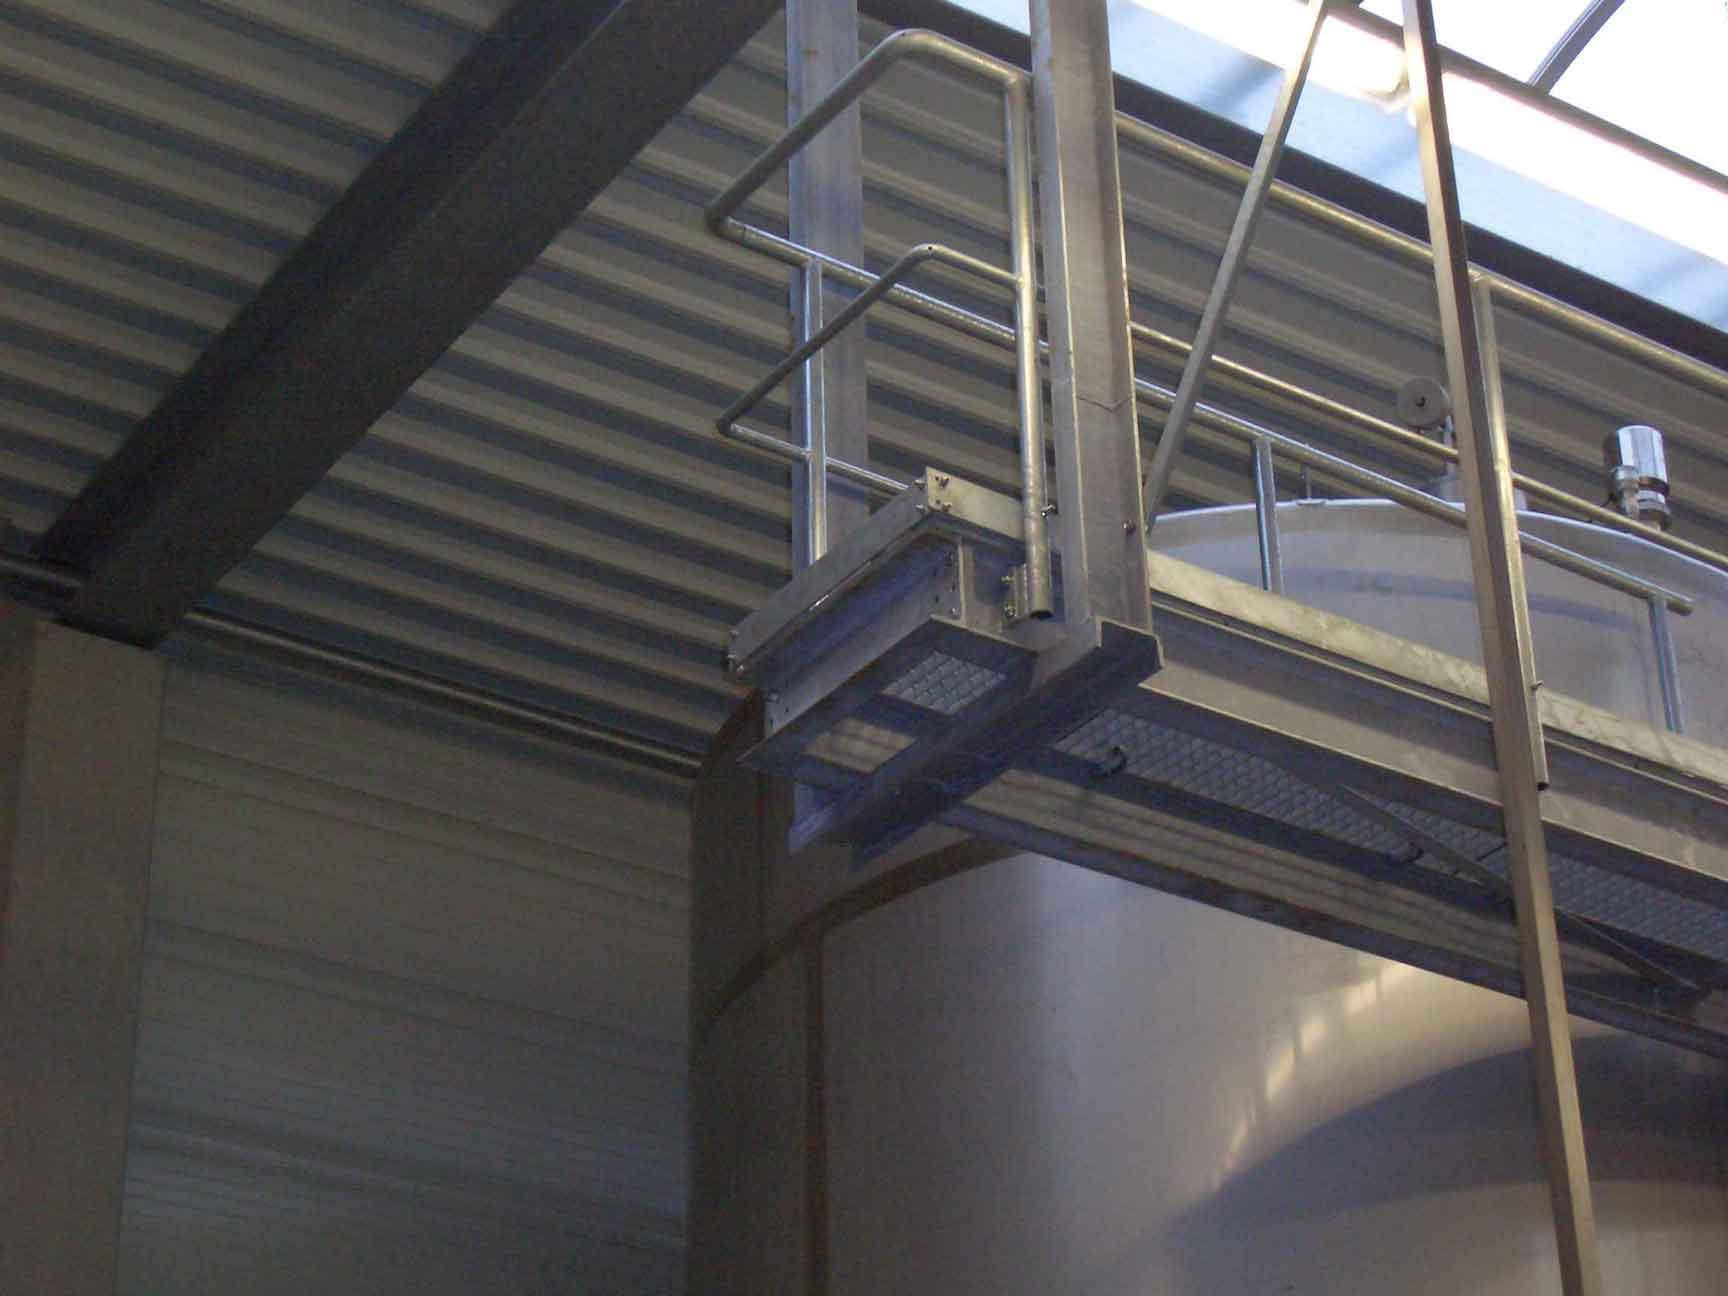 Hirsch Metallbau Industrie 016 - Industrie-16